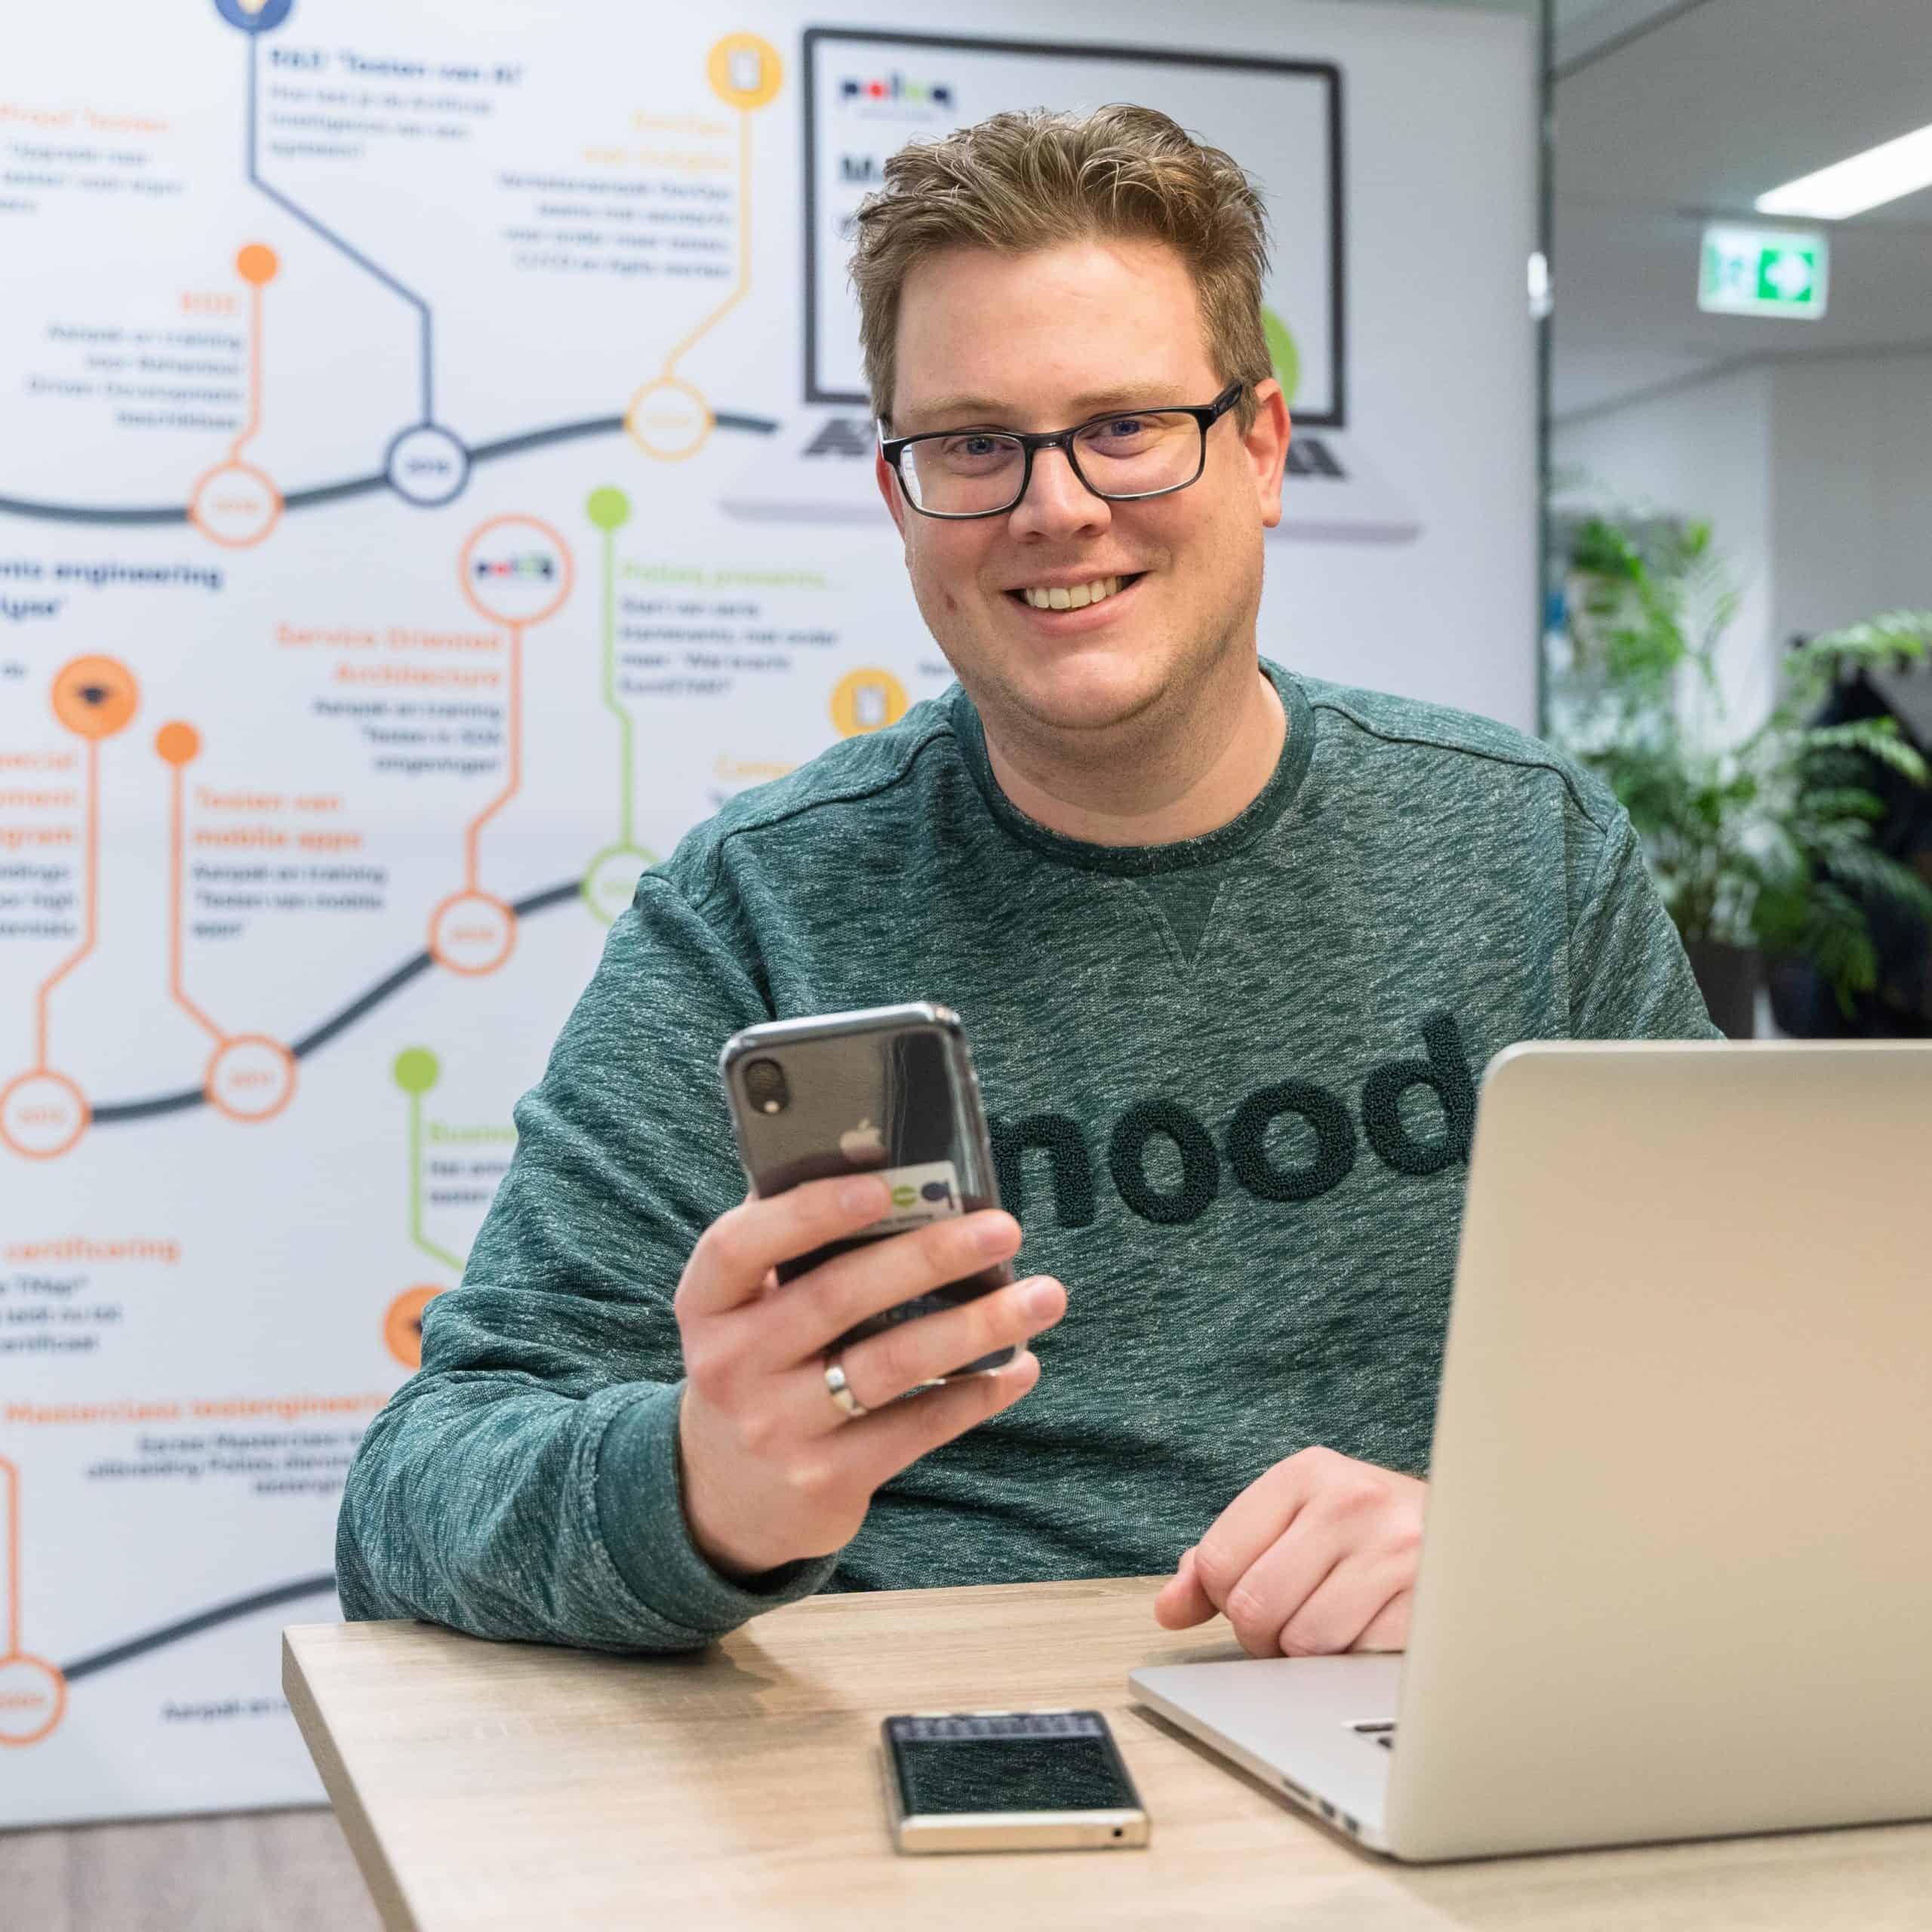 """Interview met Mobile Testexpert Vincent de Vries: """"Ik wil vooroplopen op het gebied van mobile app testen"""""""